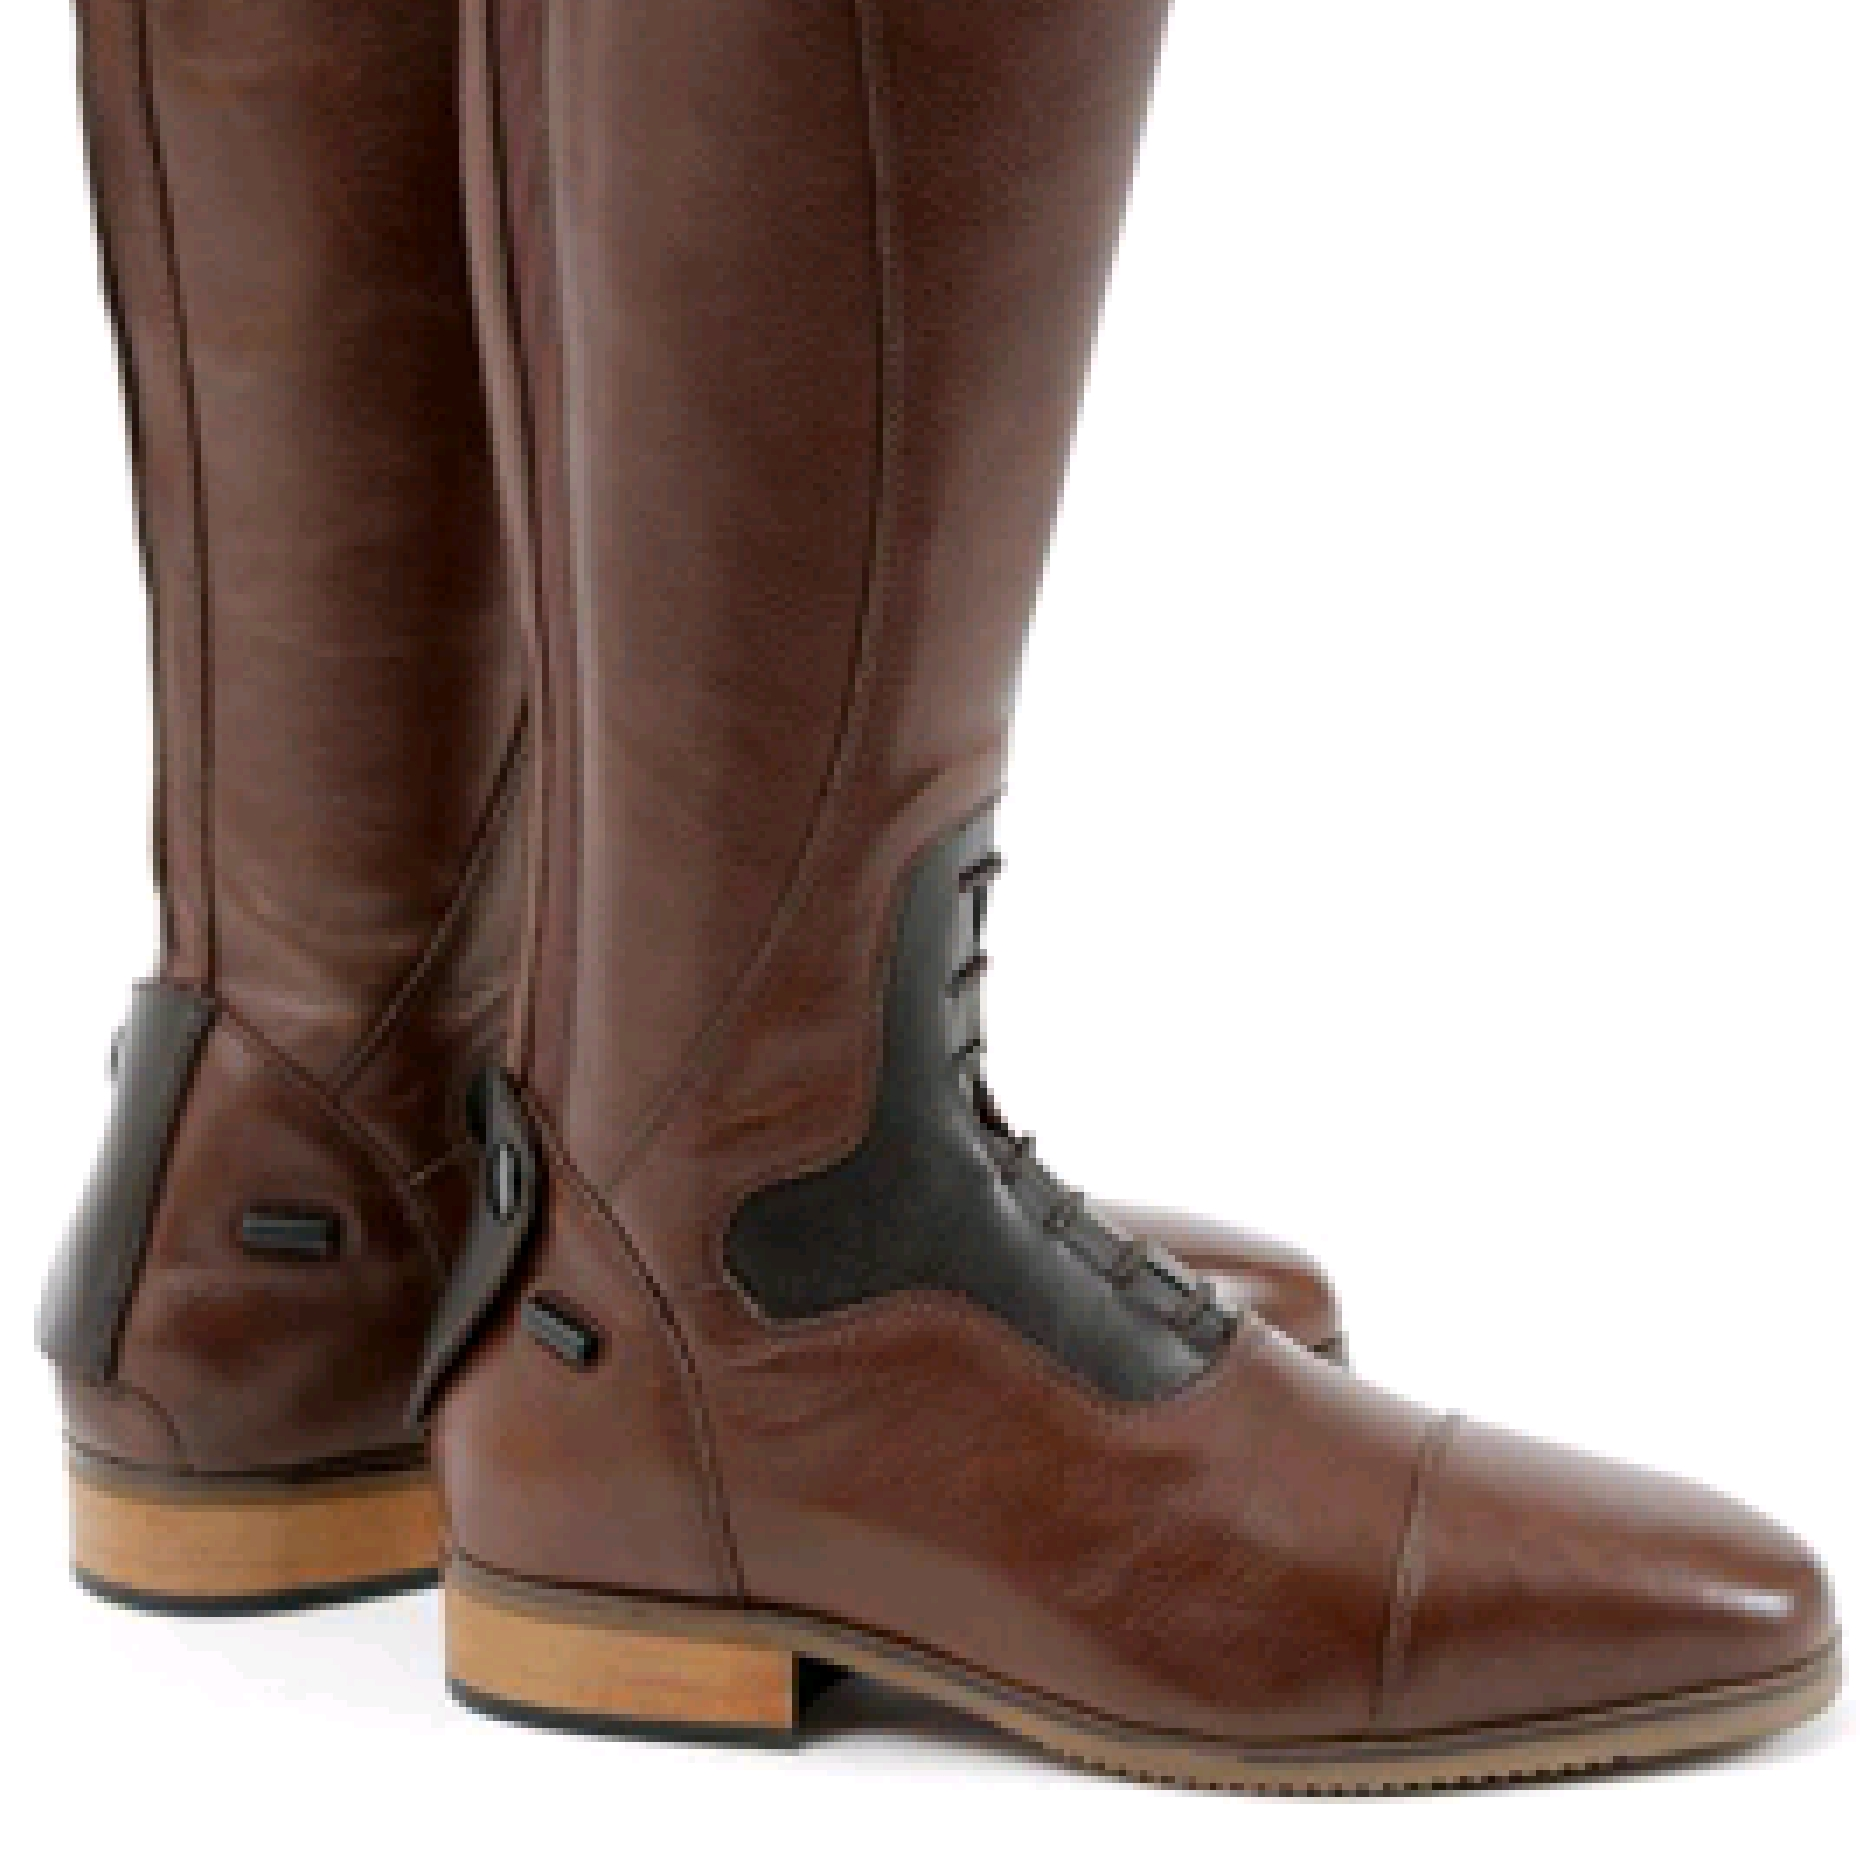 PE Dellucci Boots